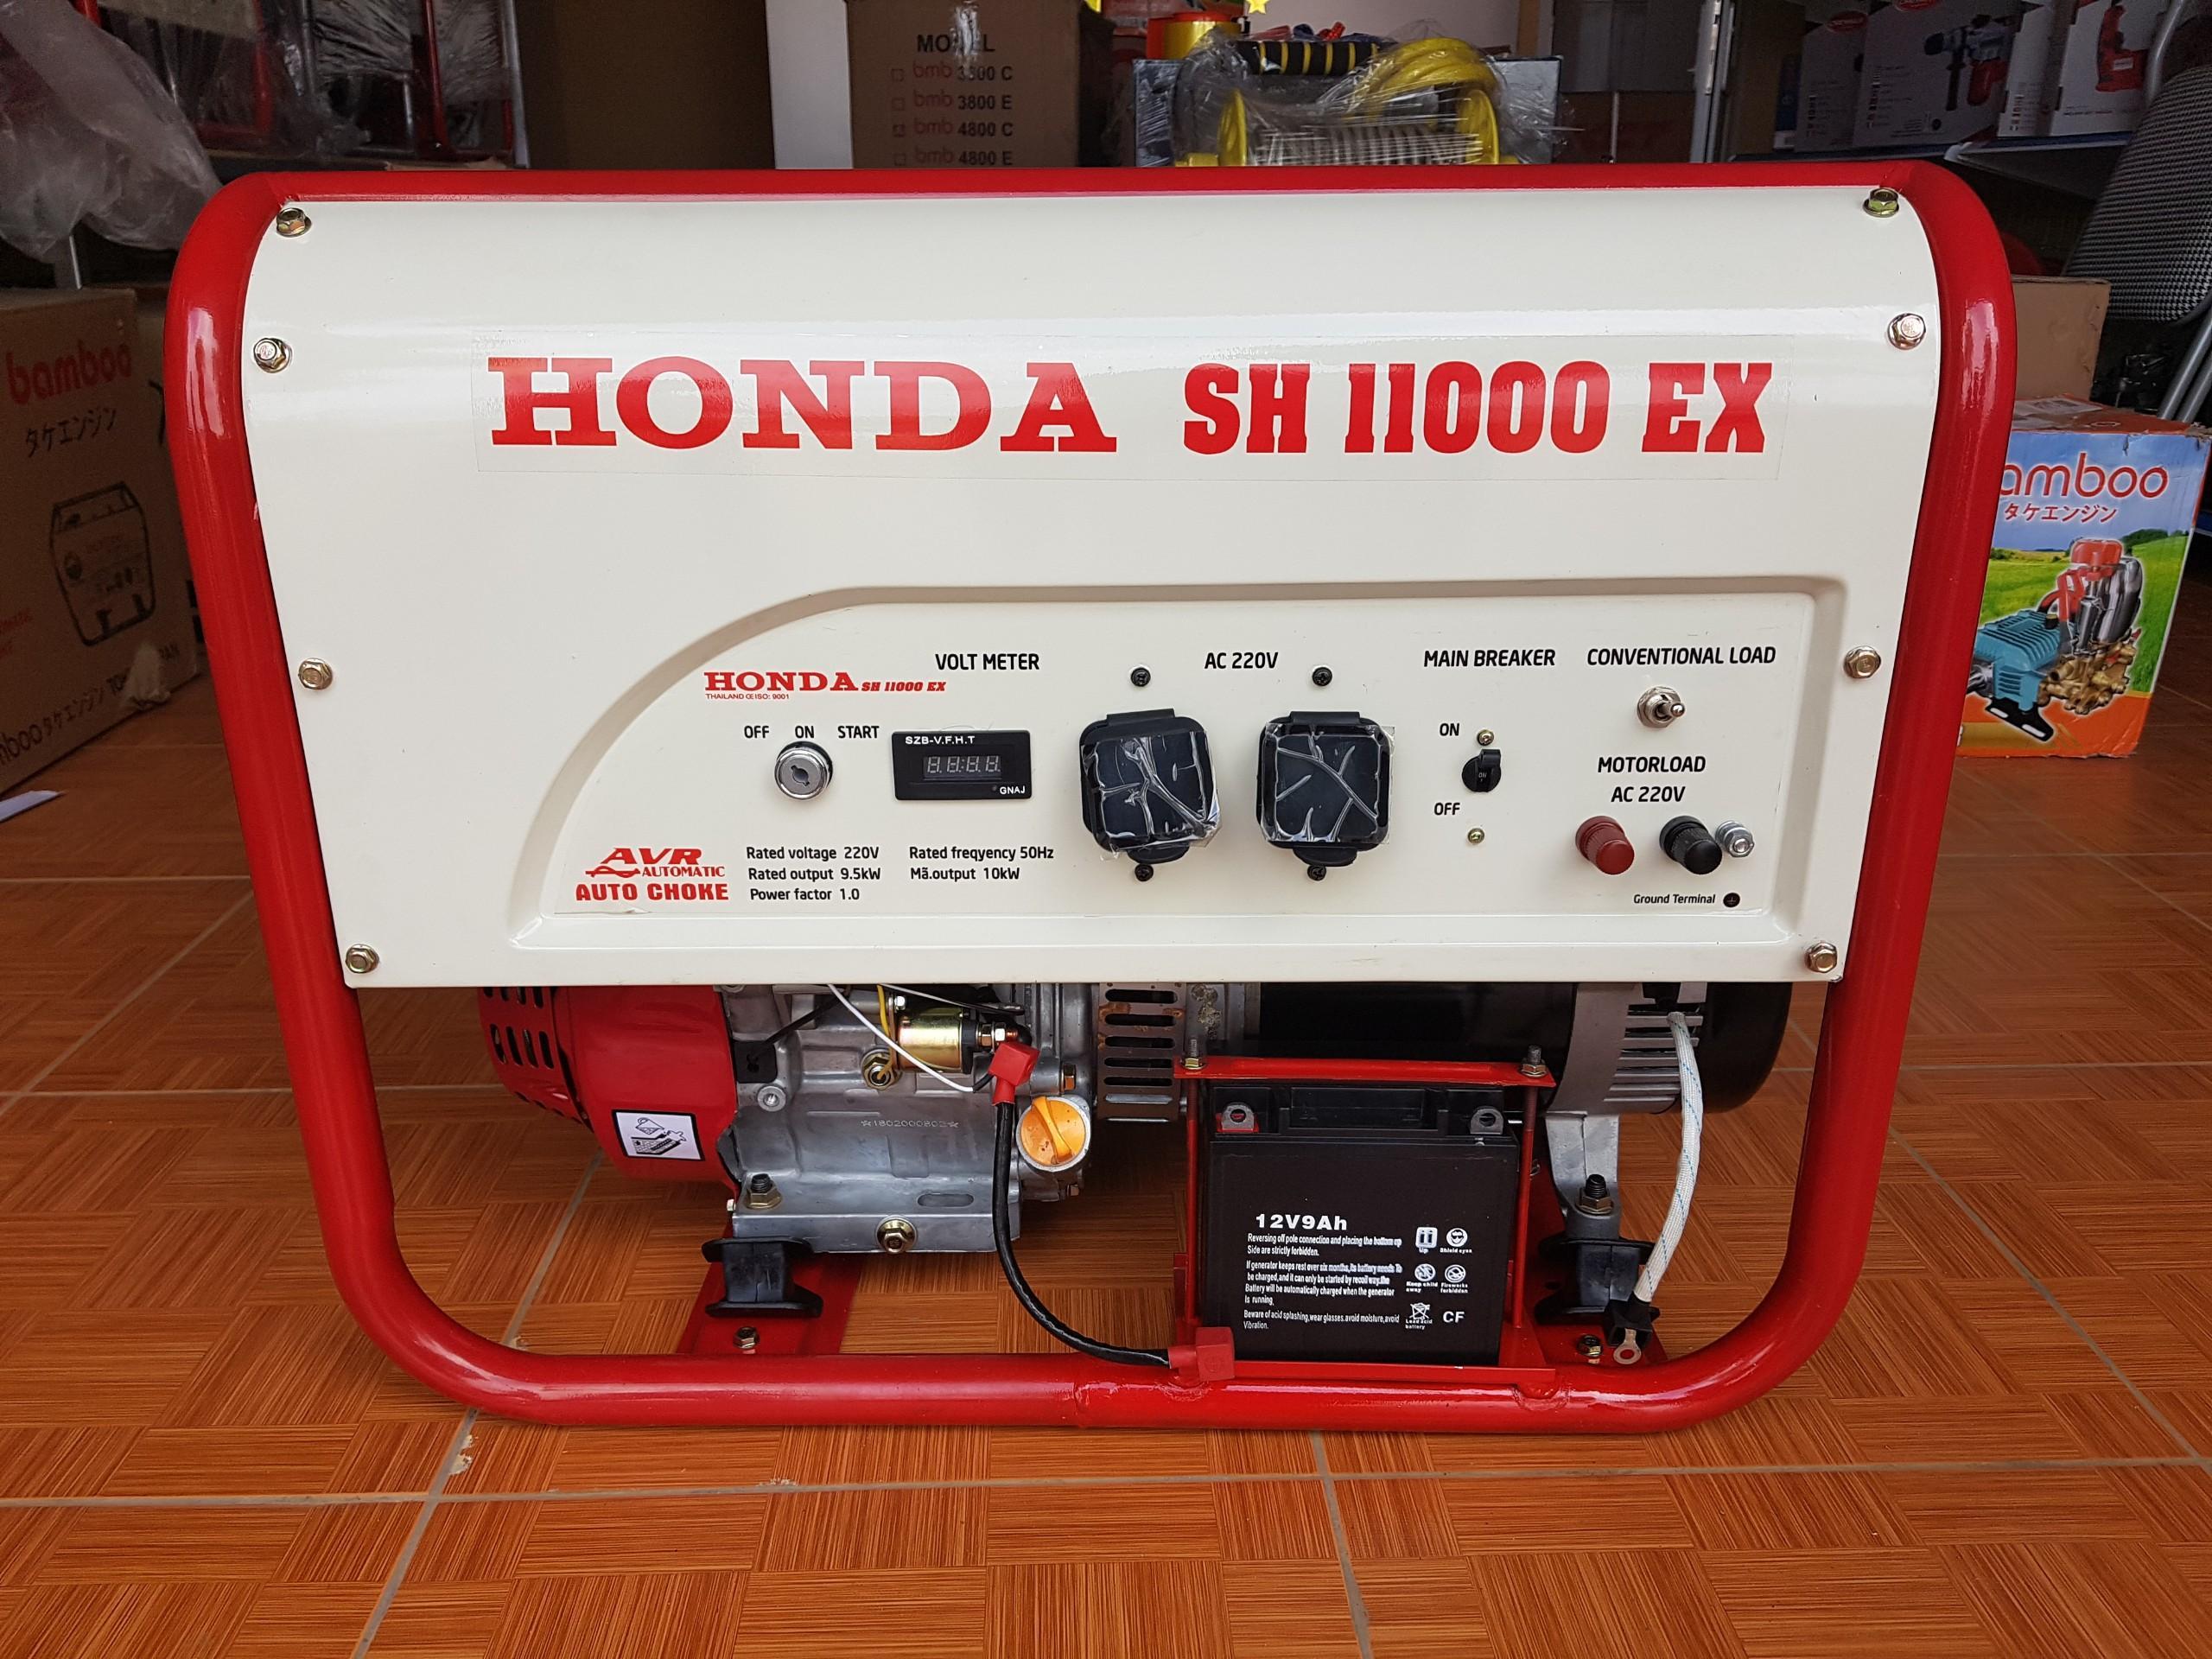 Máy phát điện Honda 9.5kw, máy phát điện chạy xăng, máy phát điện đề nổ